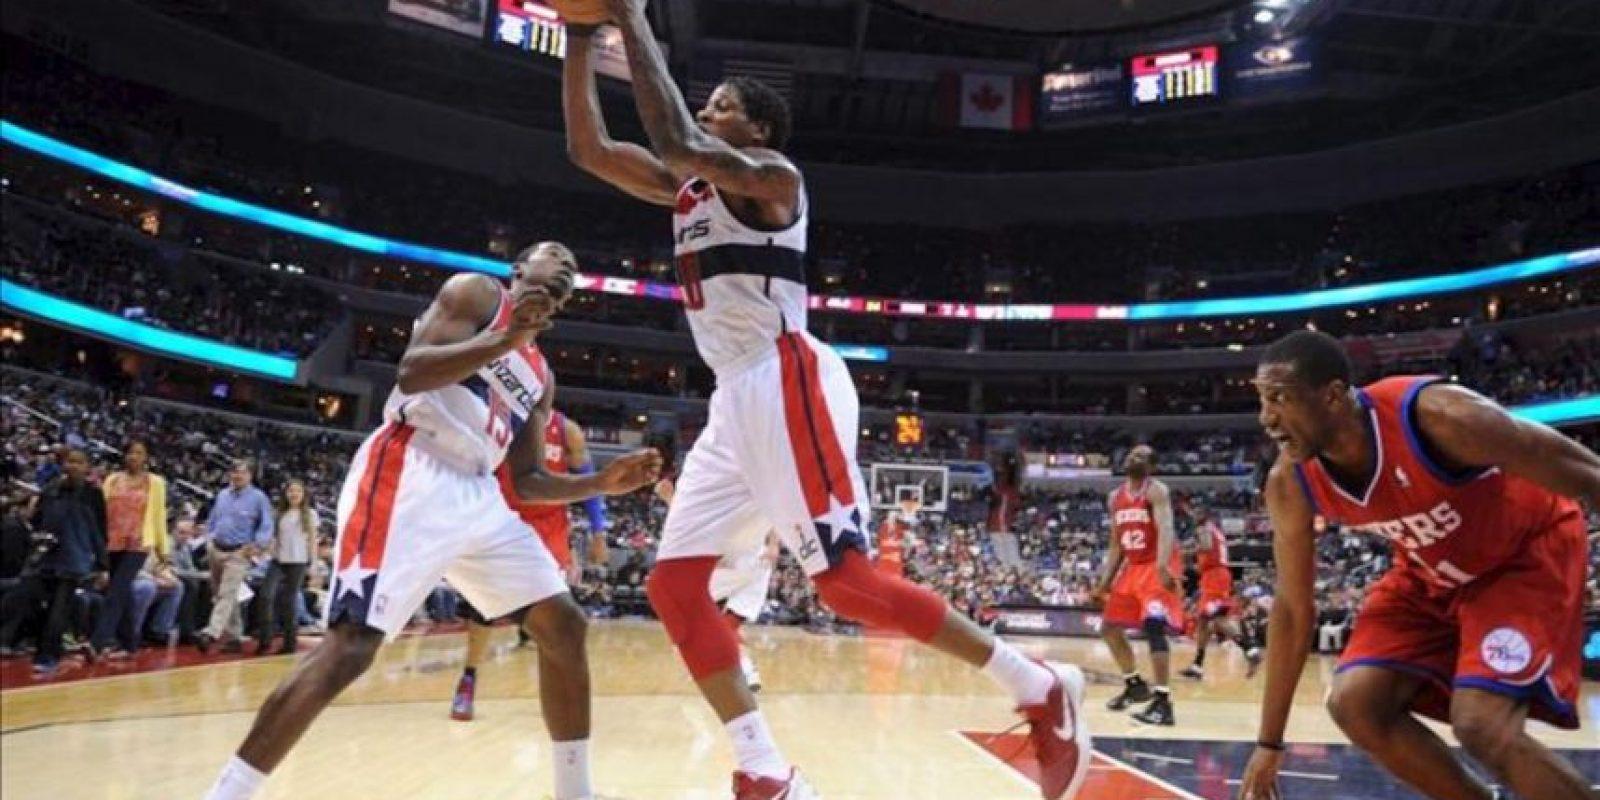 El jugador de Wizards Cartier Martin (c) alcanza un rebote ante la marca de Jrue Holiday (d), de Sixers, durante un partido por la NBA en el Verizon Center de Washington (DC, EE.UU.). EFE